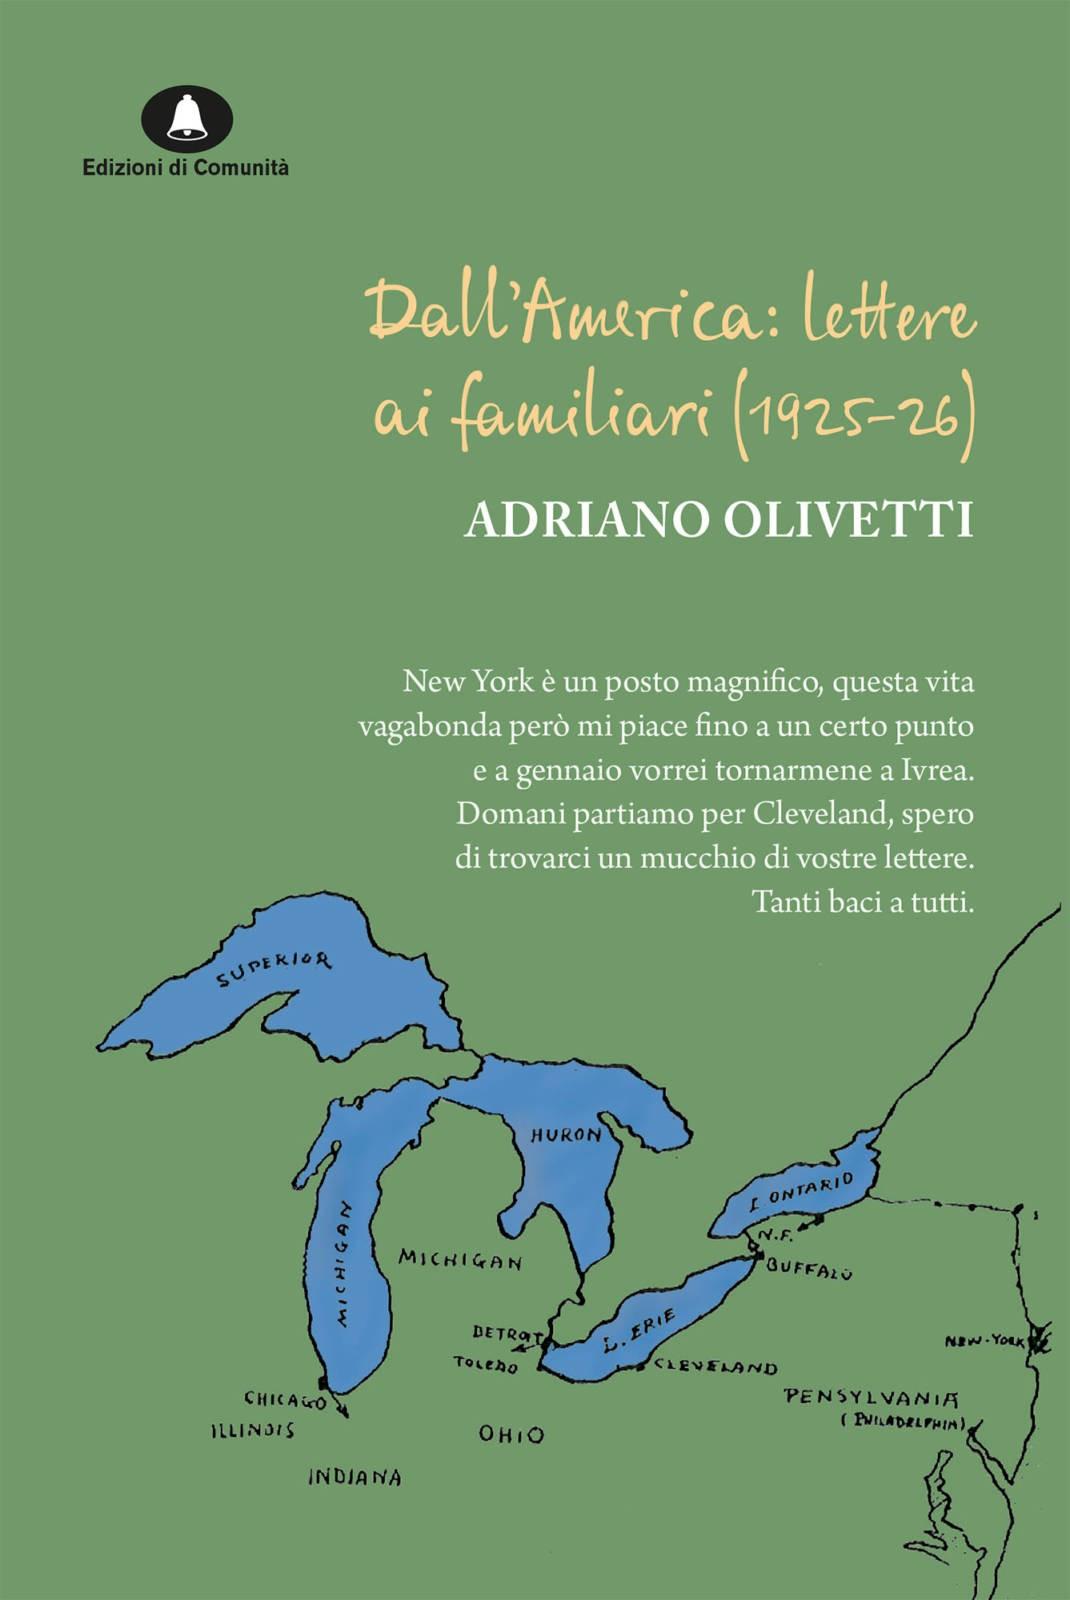 Lettere di Adriano Olivetti dall'America